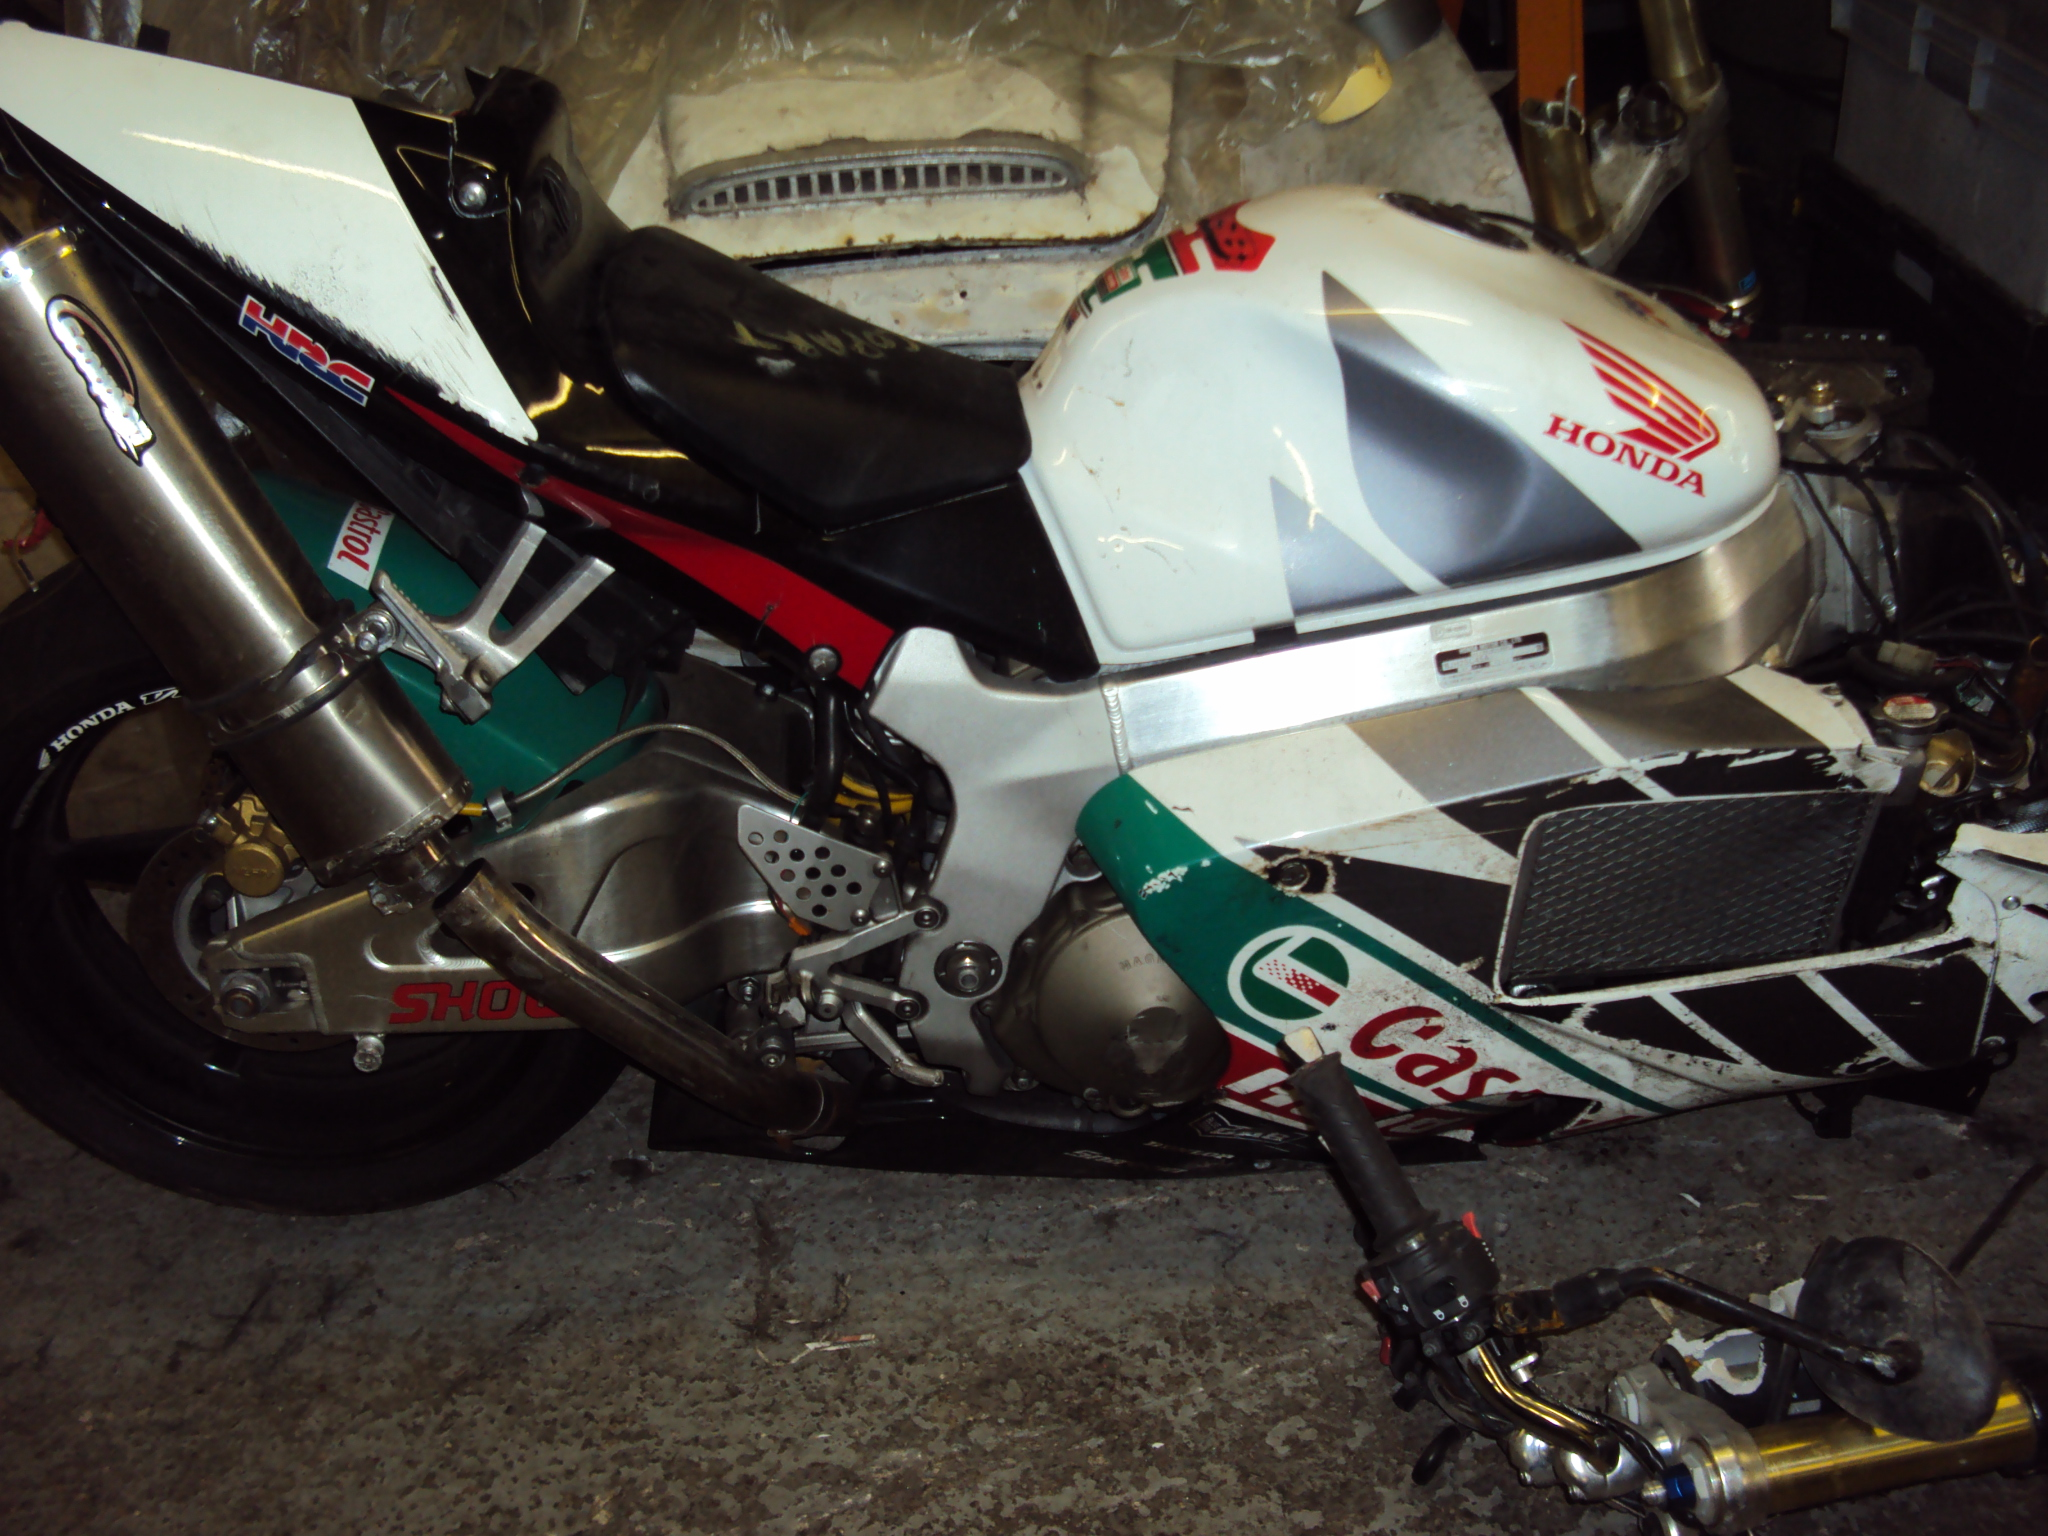 Suzuki Motorcycle Breakers Online